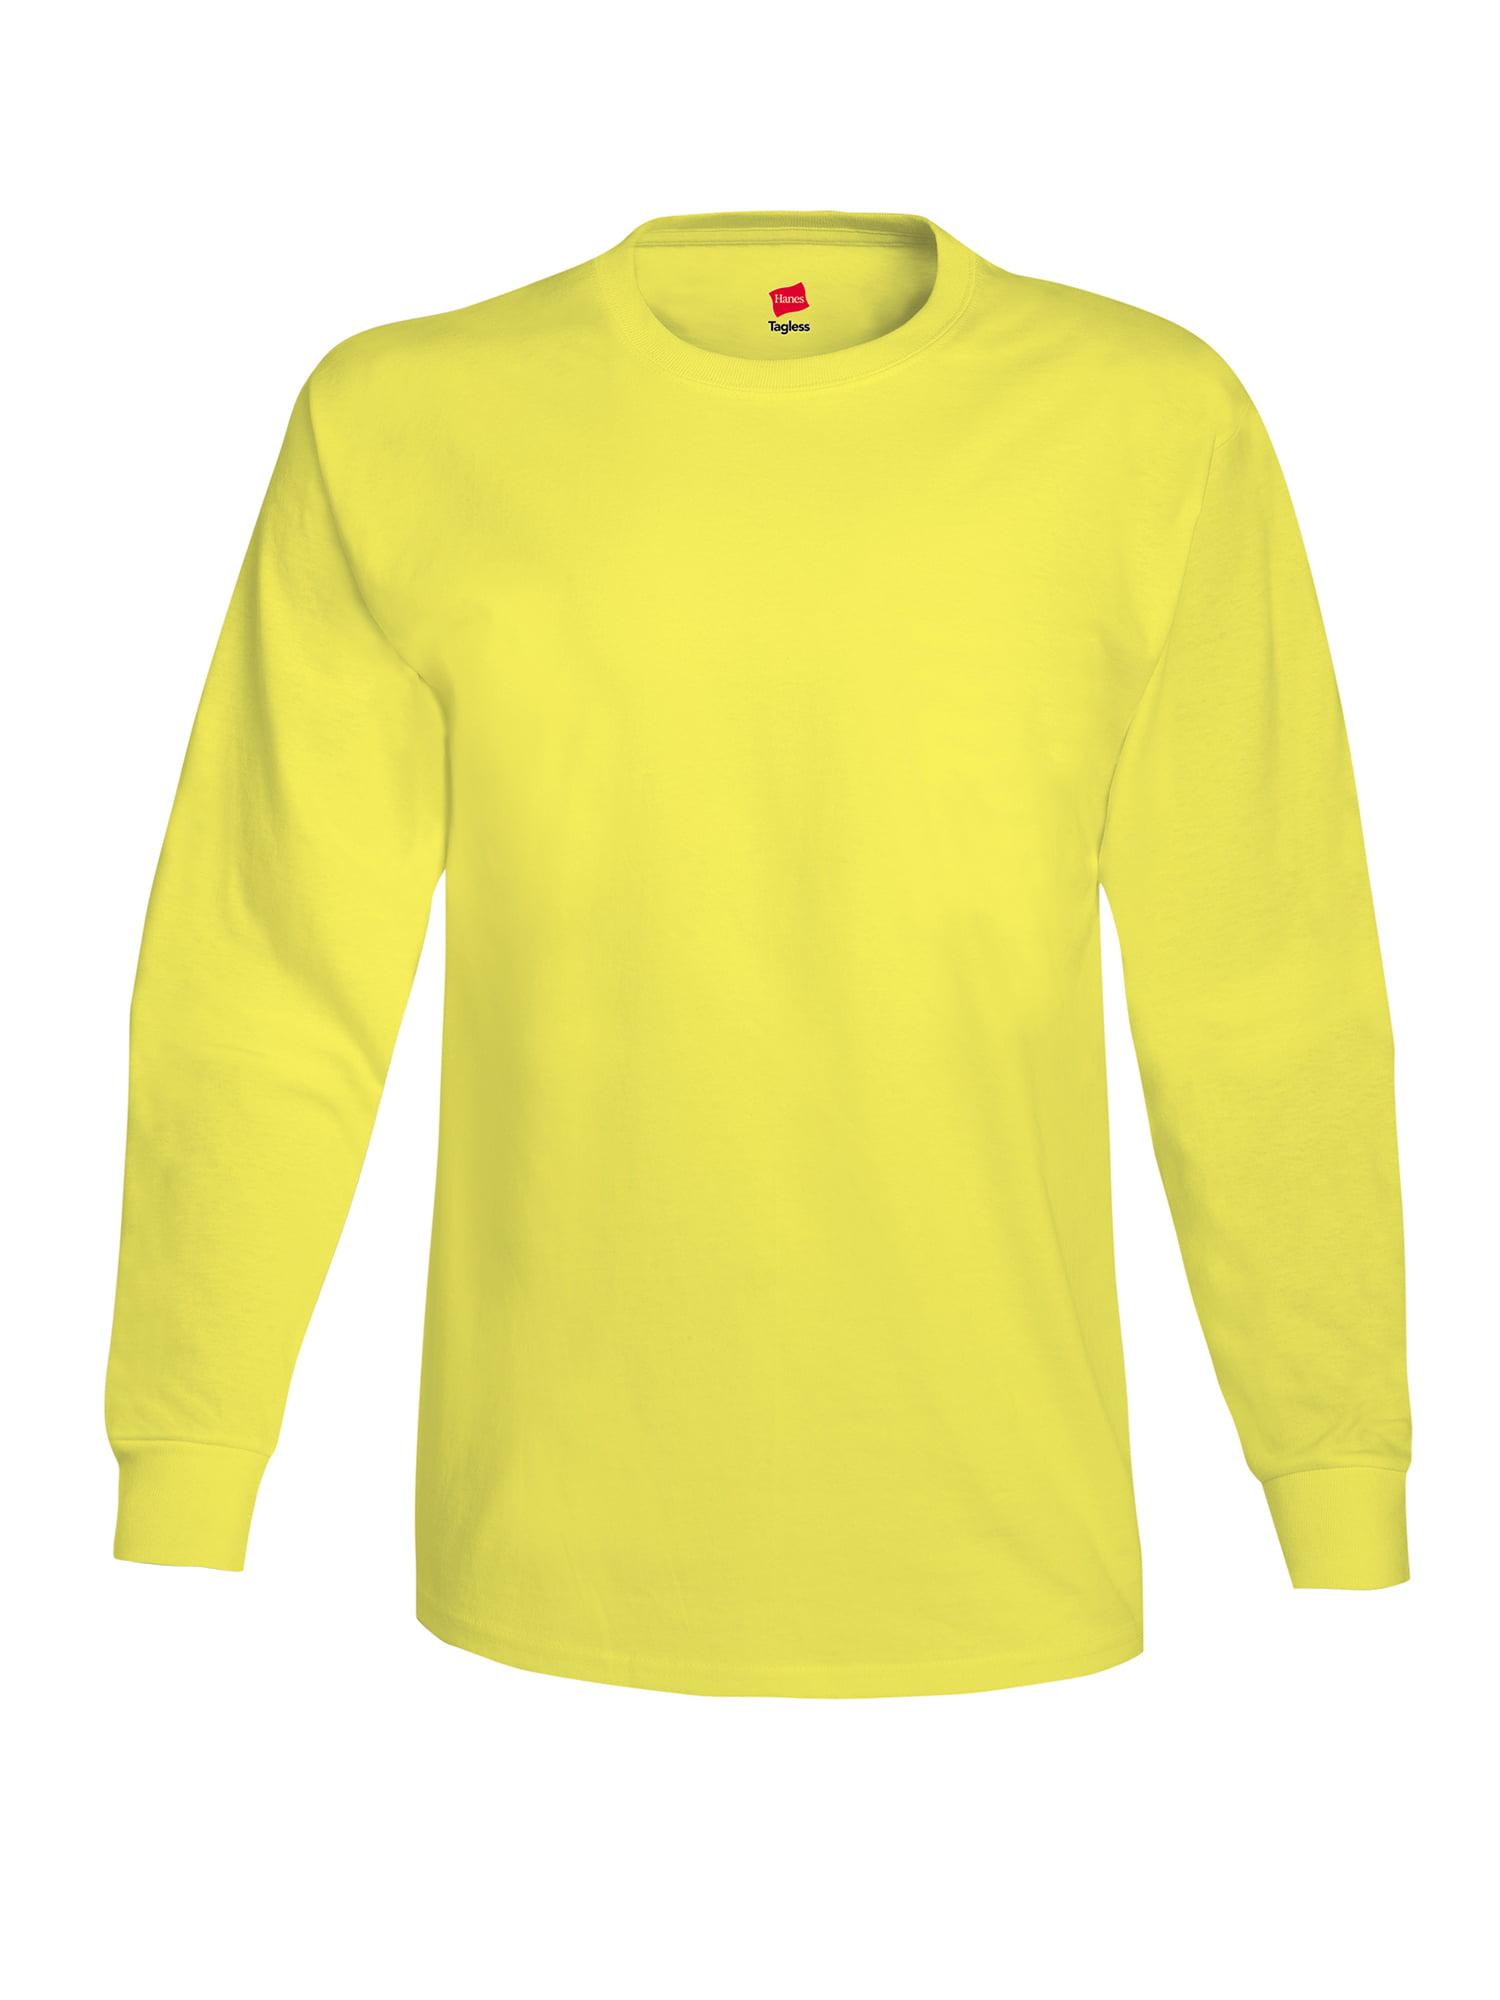 Hanes - Mens Tagless Cotton Crew Neck Long-Sleeve Tshirt - Walmart.com bb401e68bd4